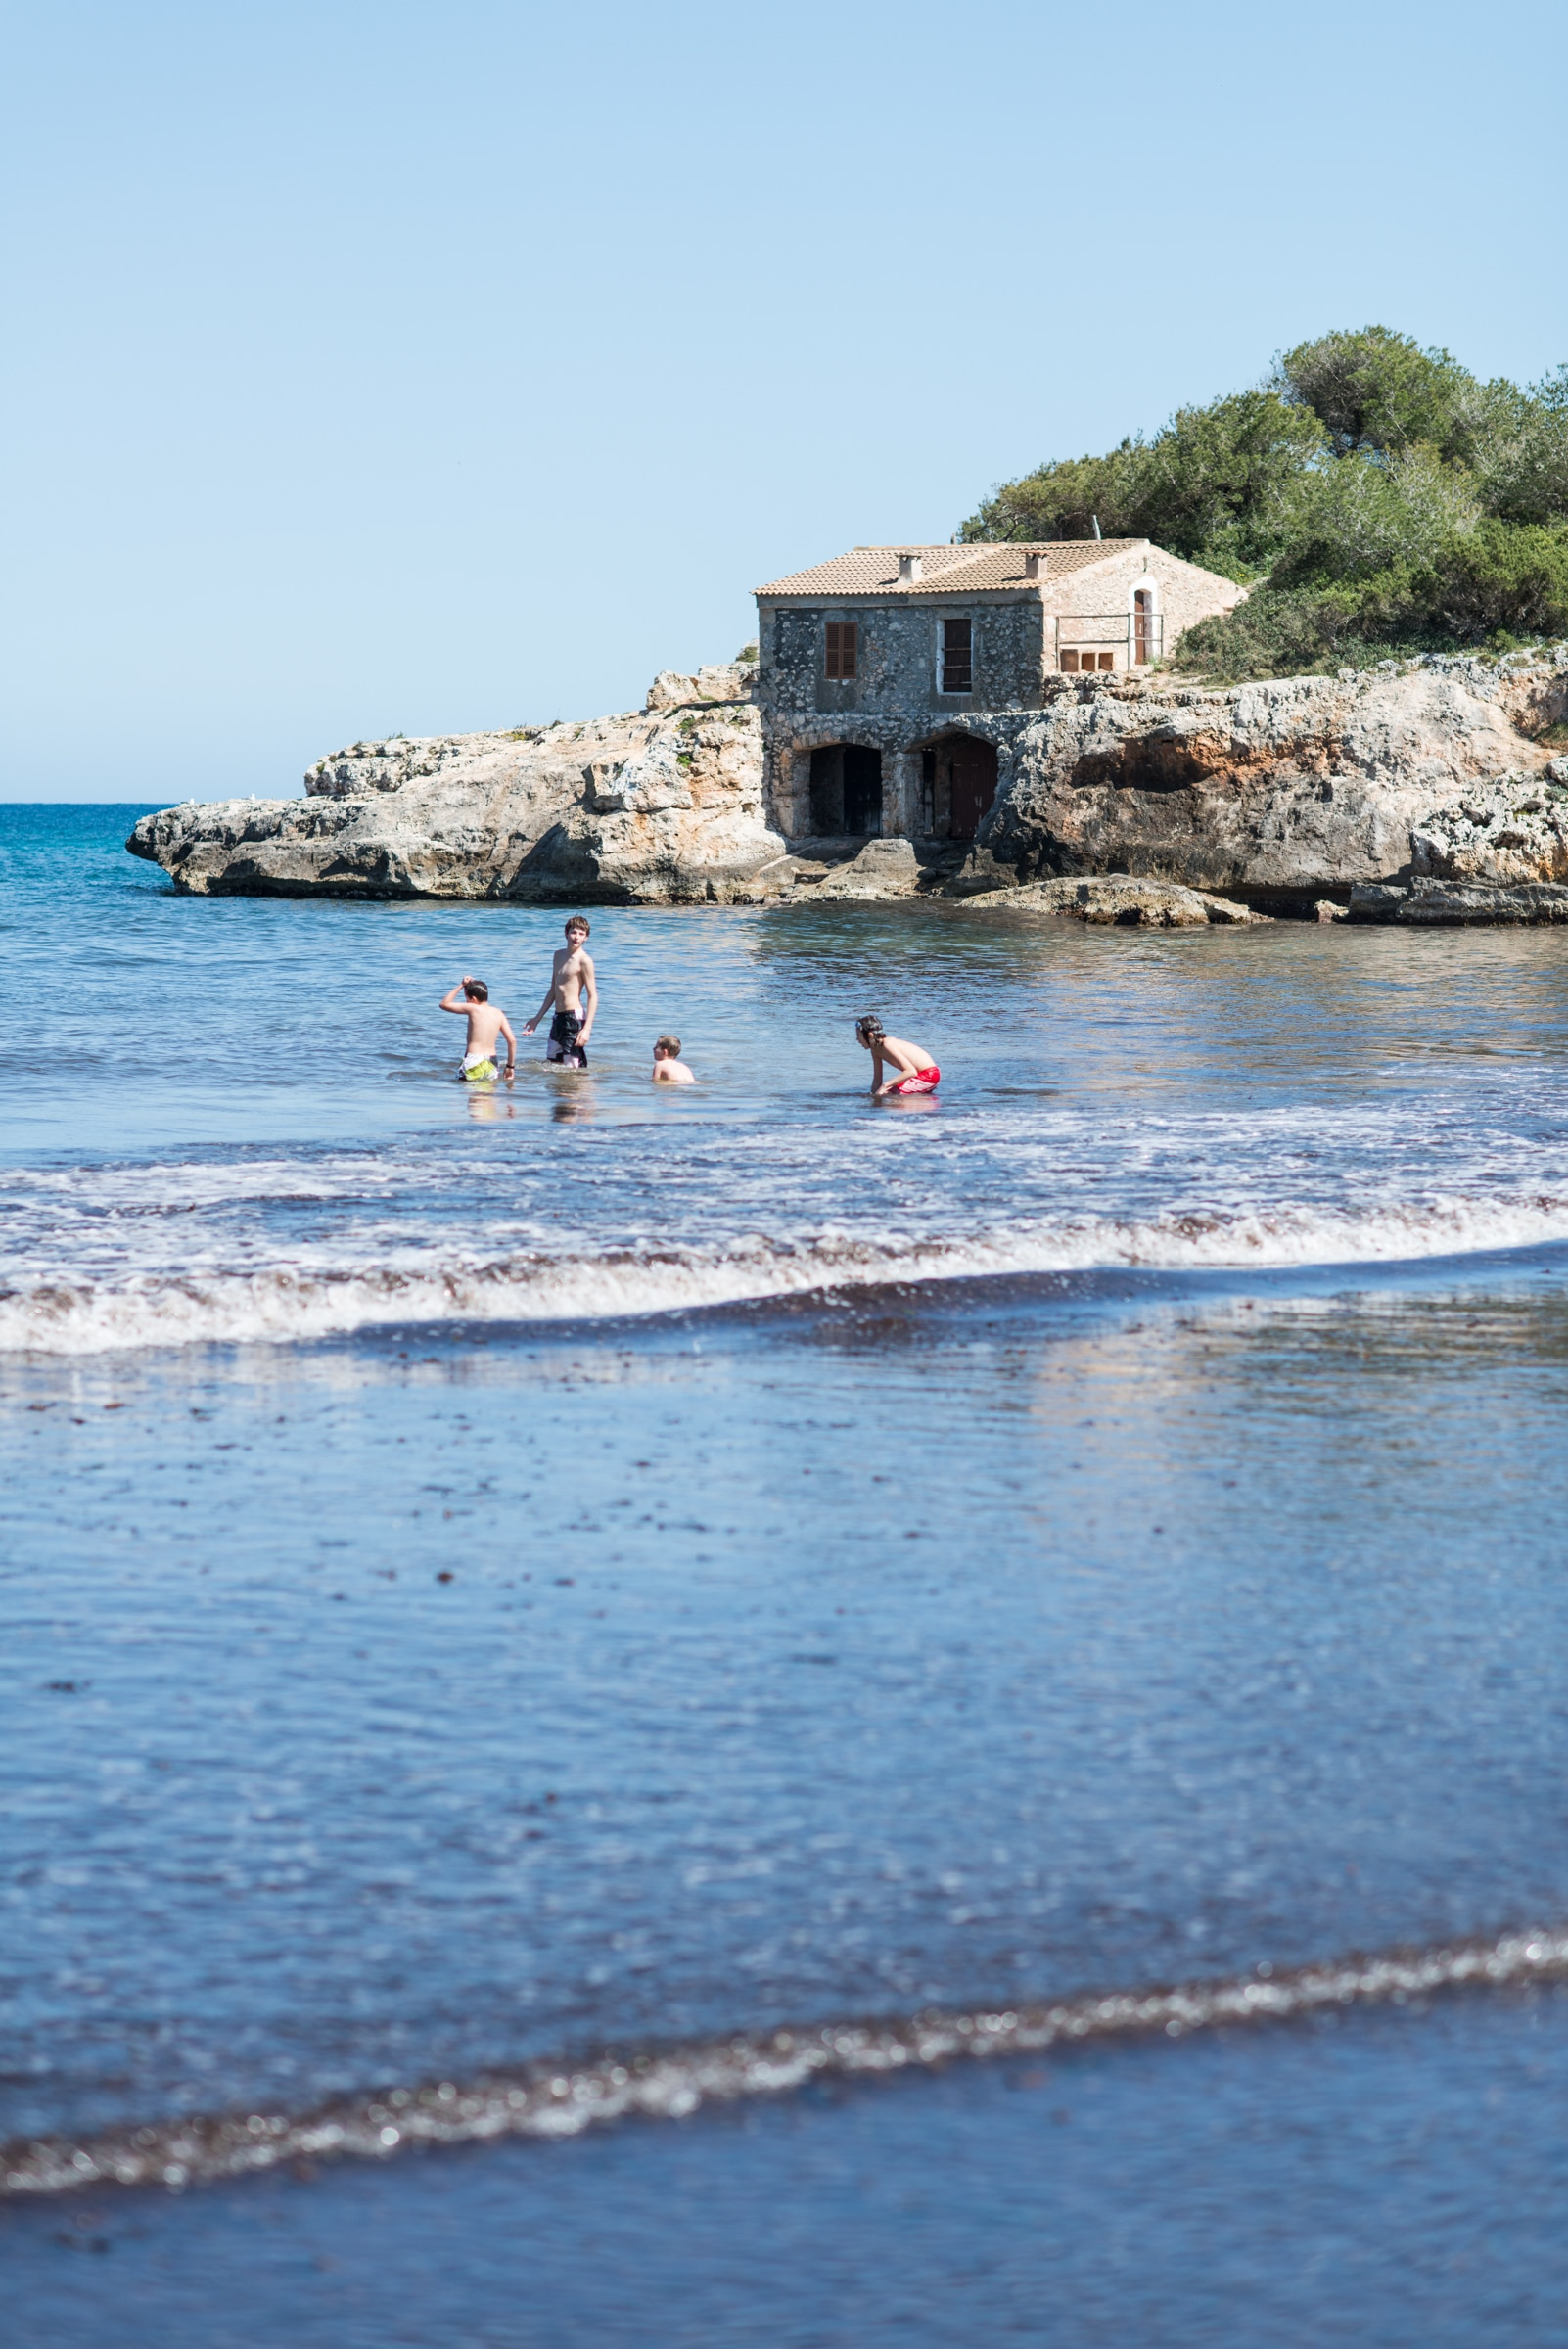 20140404 8431 - s' Amarrador beach in Mondragó NP